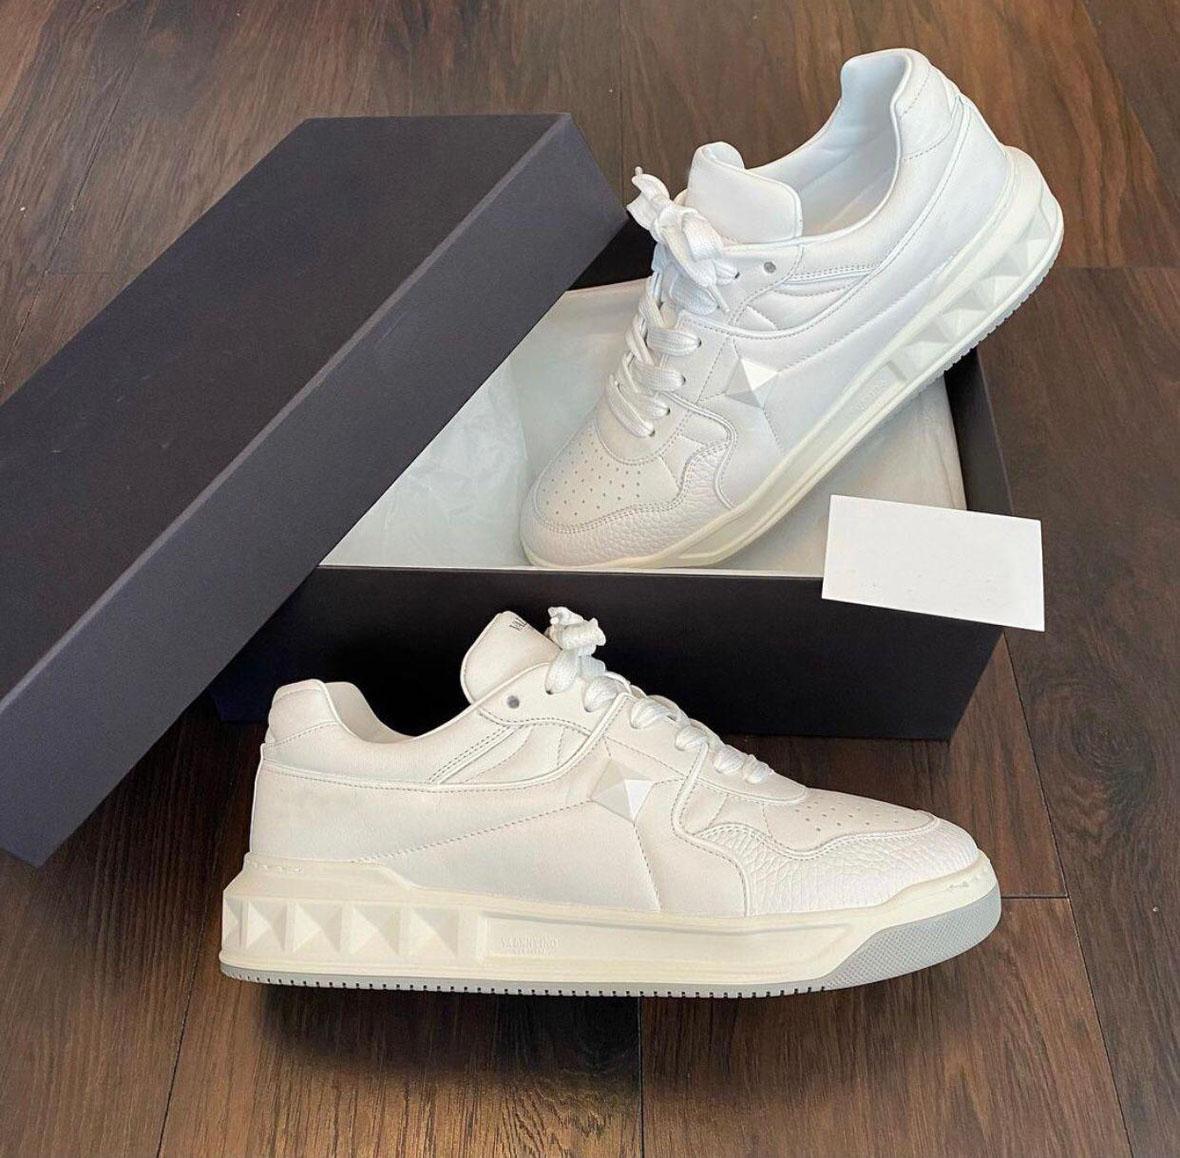 Mükemmel Çift Spor Rahat Ayakkabılar Marka Çivili Sneaker One Saplama Düşük Üst Dolaşık Sneakers Kaya Çiviler Nappa Deri Açık Erkek Kadın Lüks Eğitmen Konfor Yürüyüşü